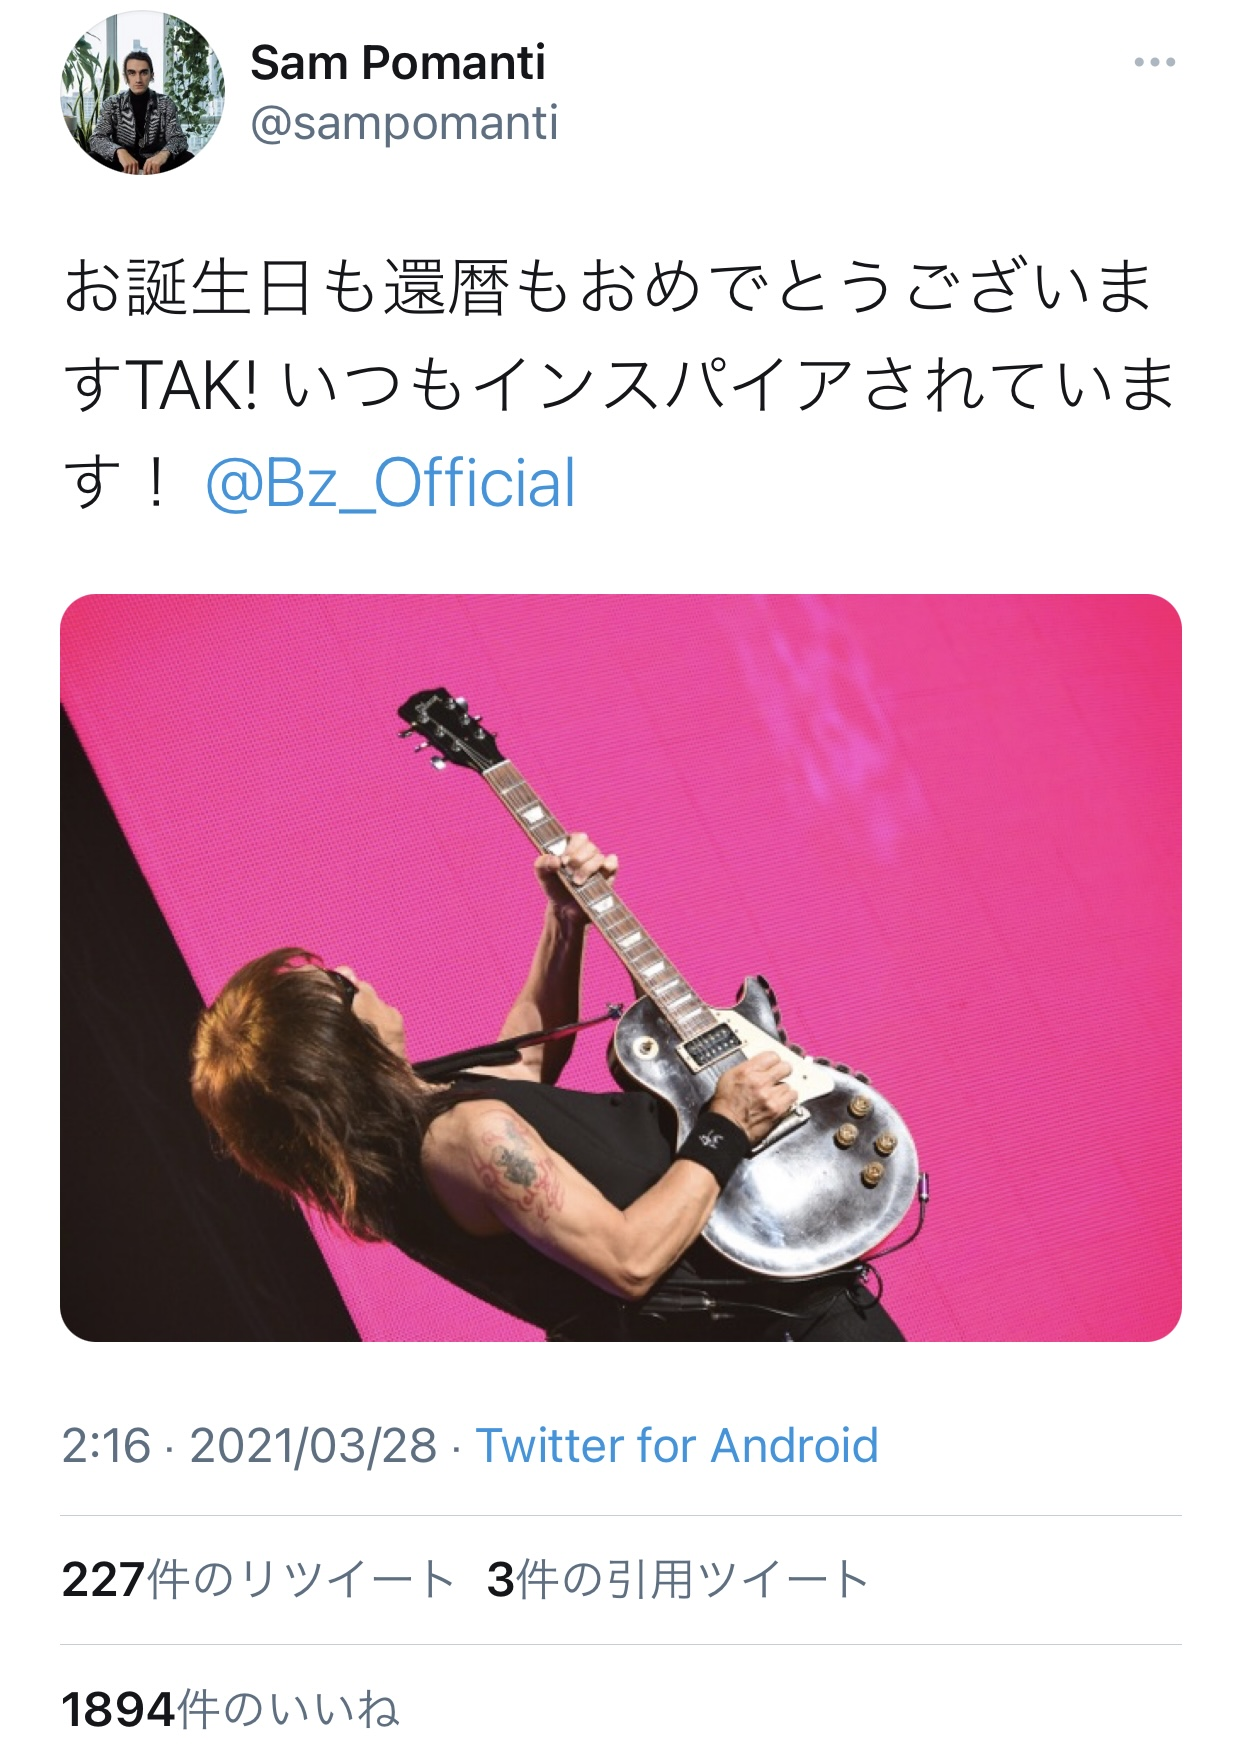 サム・ポマンティがB'z松本孝弘の還暦を祝福するTwitterの投稿